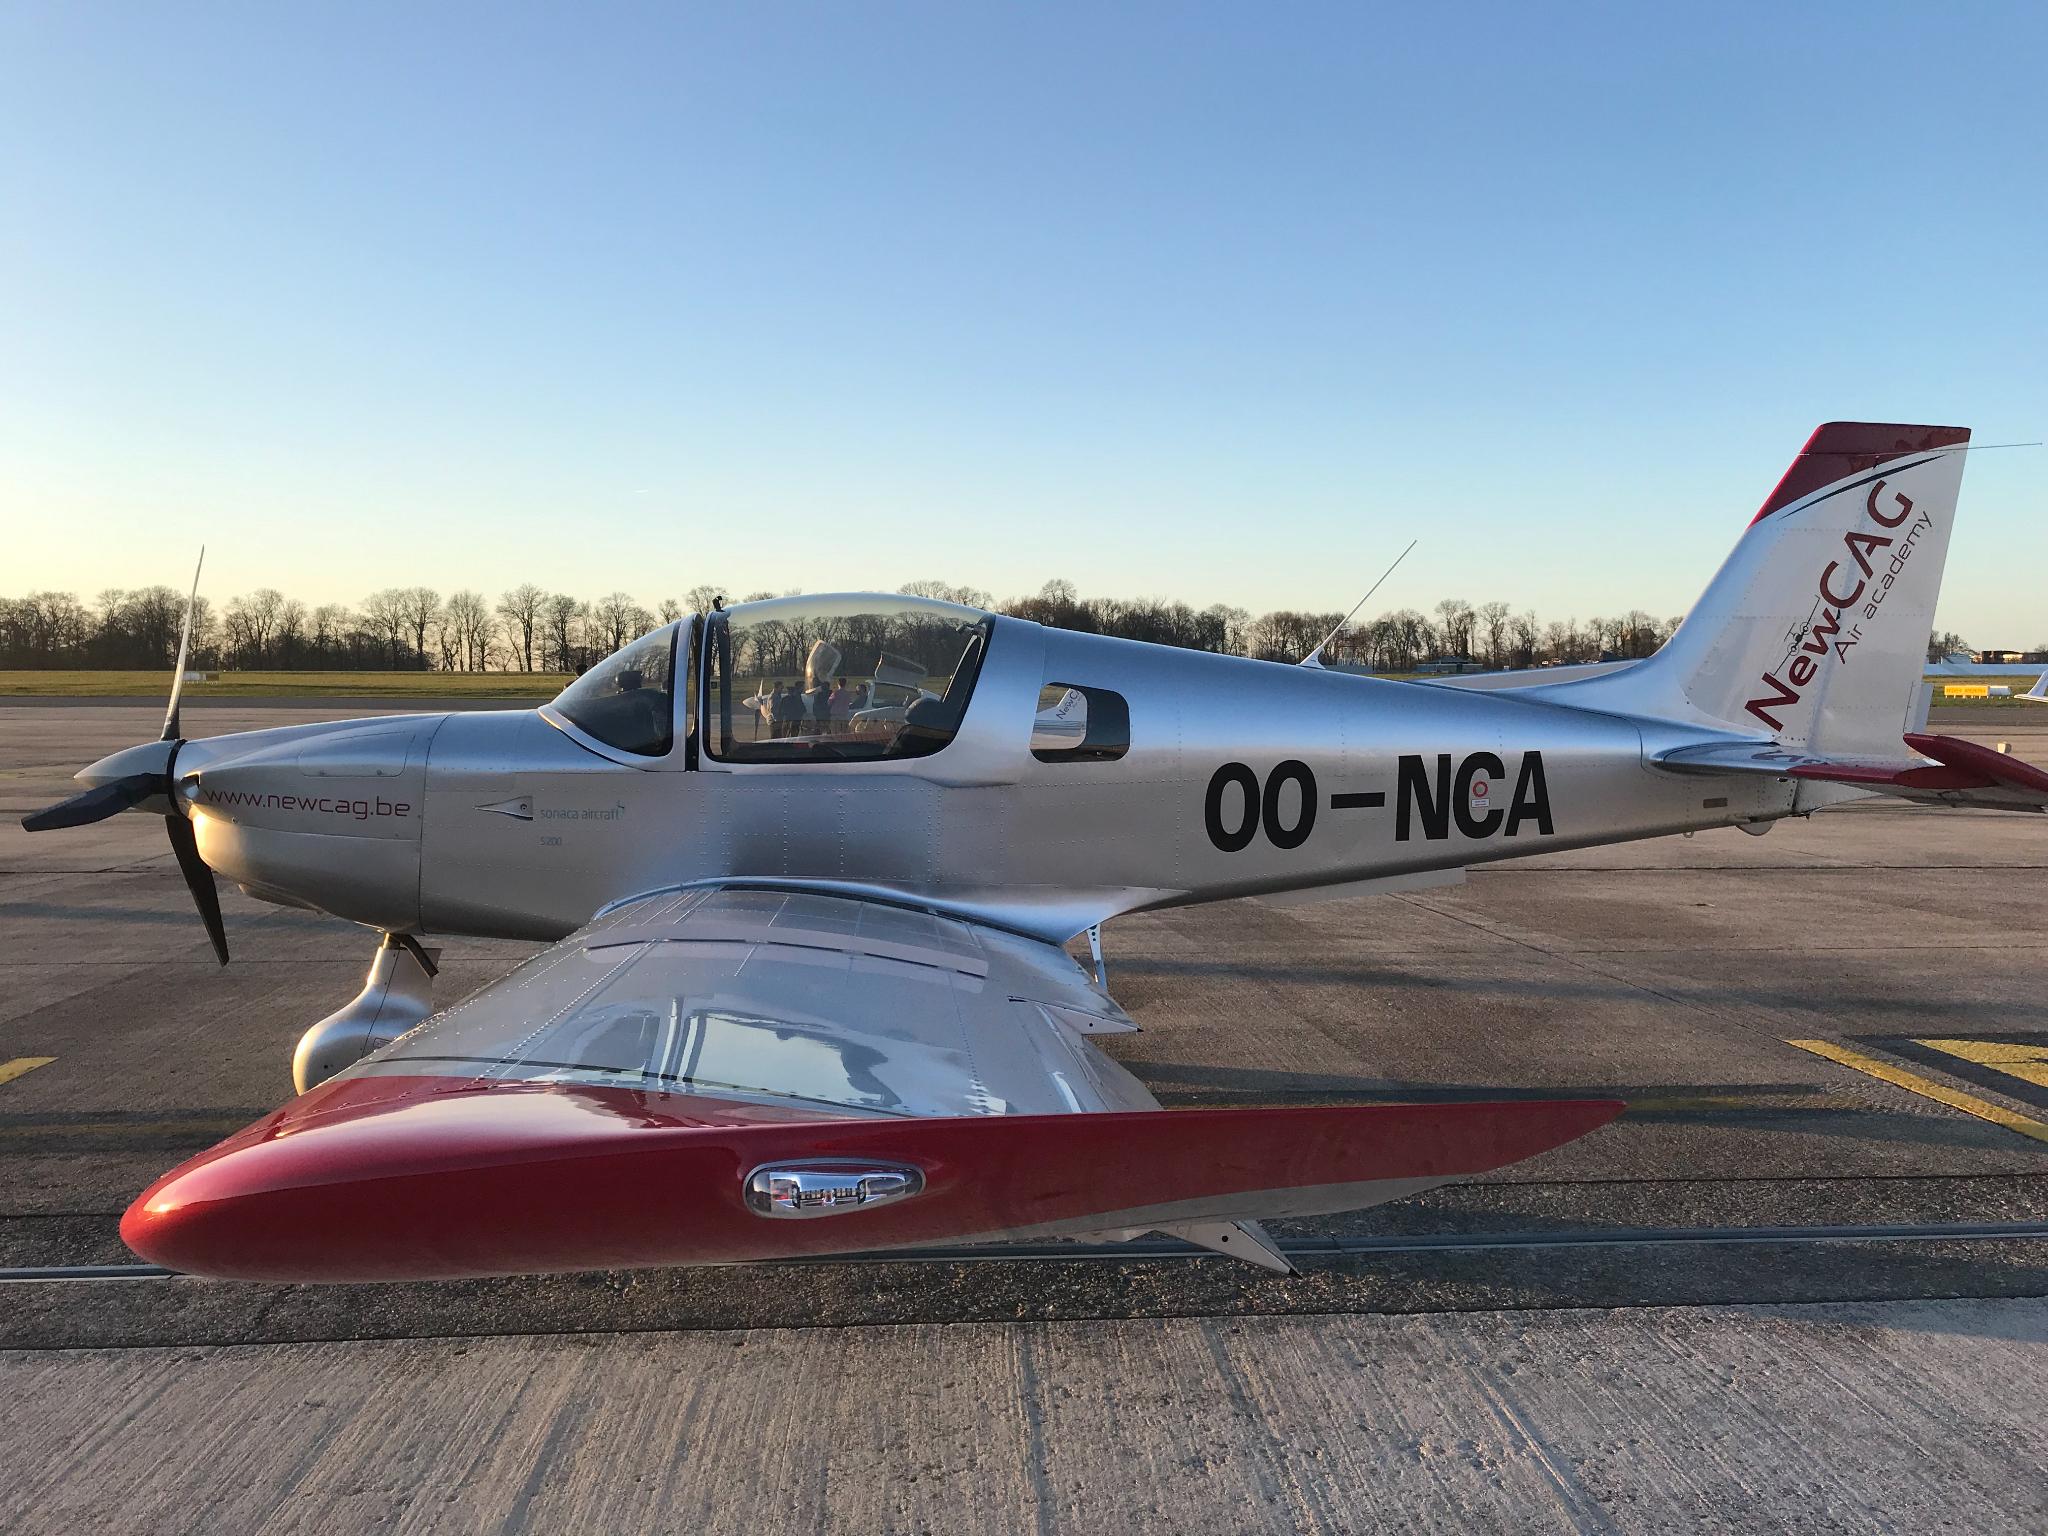 Qualification Sonaca 200 : La Pratique En 8 Points - Cessna serapportantà Avion De Oui Oui